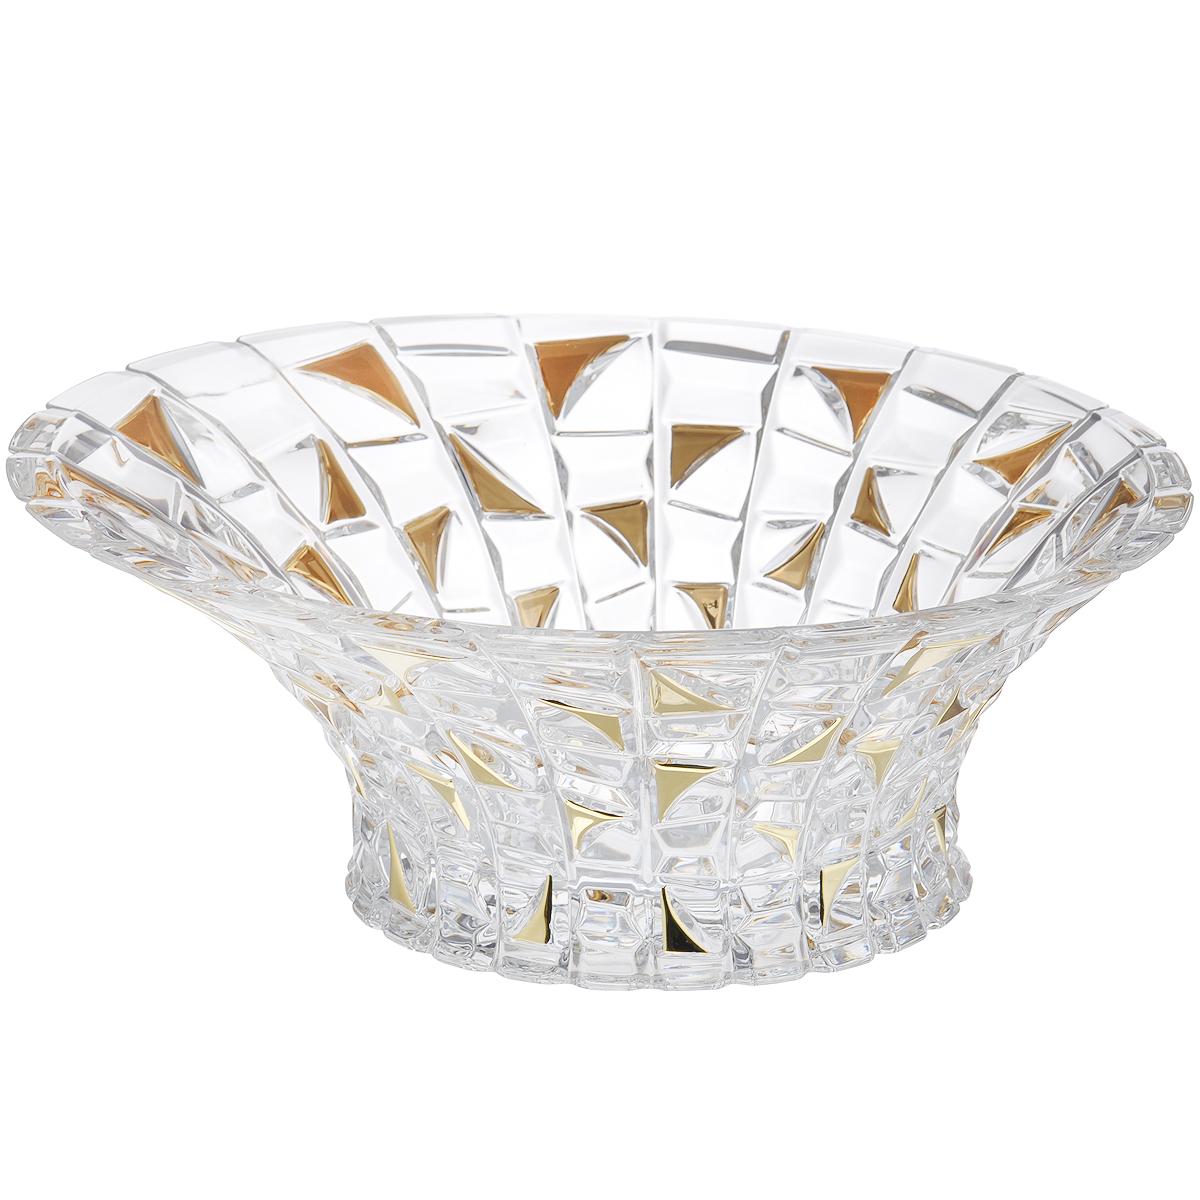 Салатник Crystal Bohemia Patriot Gold, диаметр 33 см990/65803/0/72232/330-109Салатник Crystal Bohemia Patriot Gold изготовлен из хрусталя и выполнен в форме большой чаши, декорированной рельефным рисунком с вставками золотистого цвета. Стенки салатника плавно переходят с высокой на низкую. Данный салатник сочетает в себе изысканный дизайн с максимальной функциональностью. Он прекрасно впишется в интерьер вашей кухни и станет достойным дополнением к кухонному инвентарю. Такой салатник не только украсит ваш кухонный стол и подчеркнет прекрасный вкус хозяйки, но и станет отличным подарком. Диаметр: 33 см. Высота (по высокой стенке): 13,5 см. Высота (по низкой стенке): 11,5 см. Диаметр дна: 18 см.